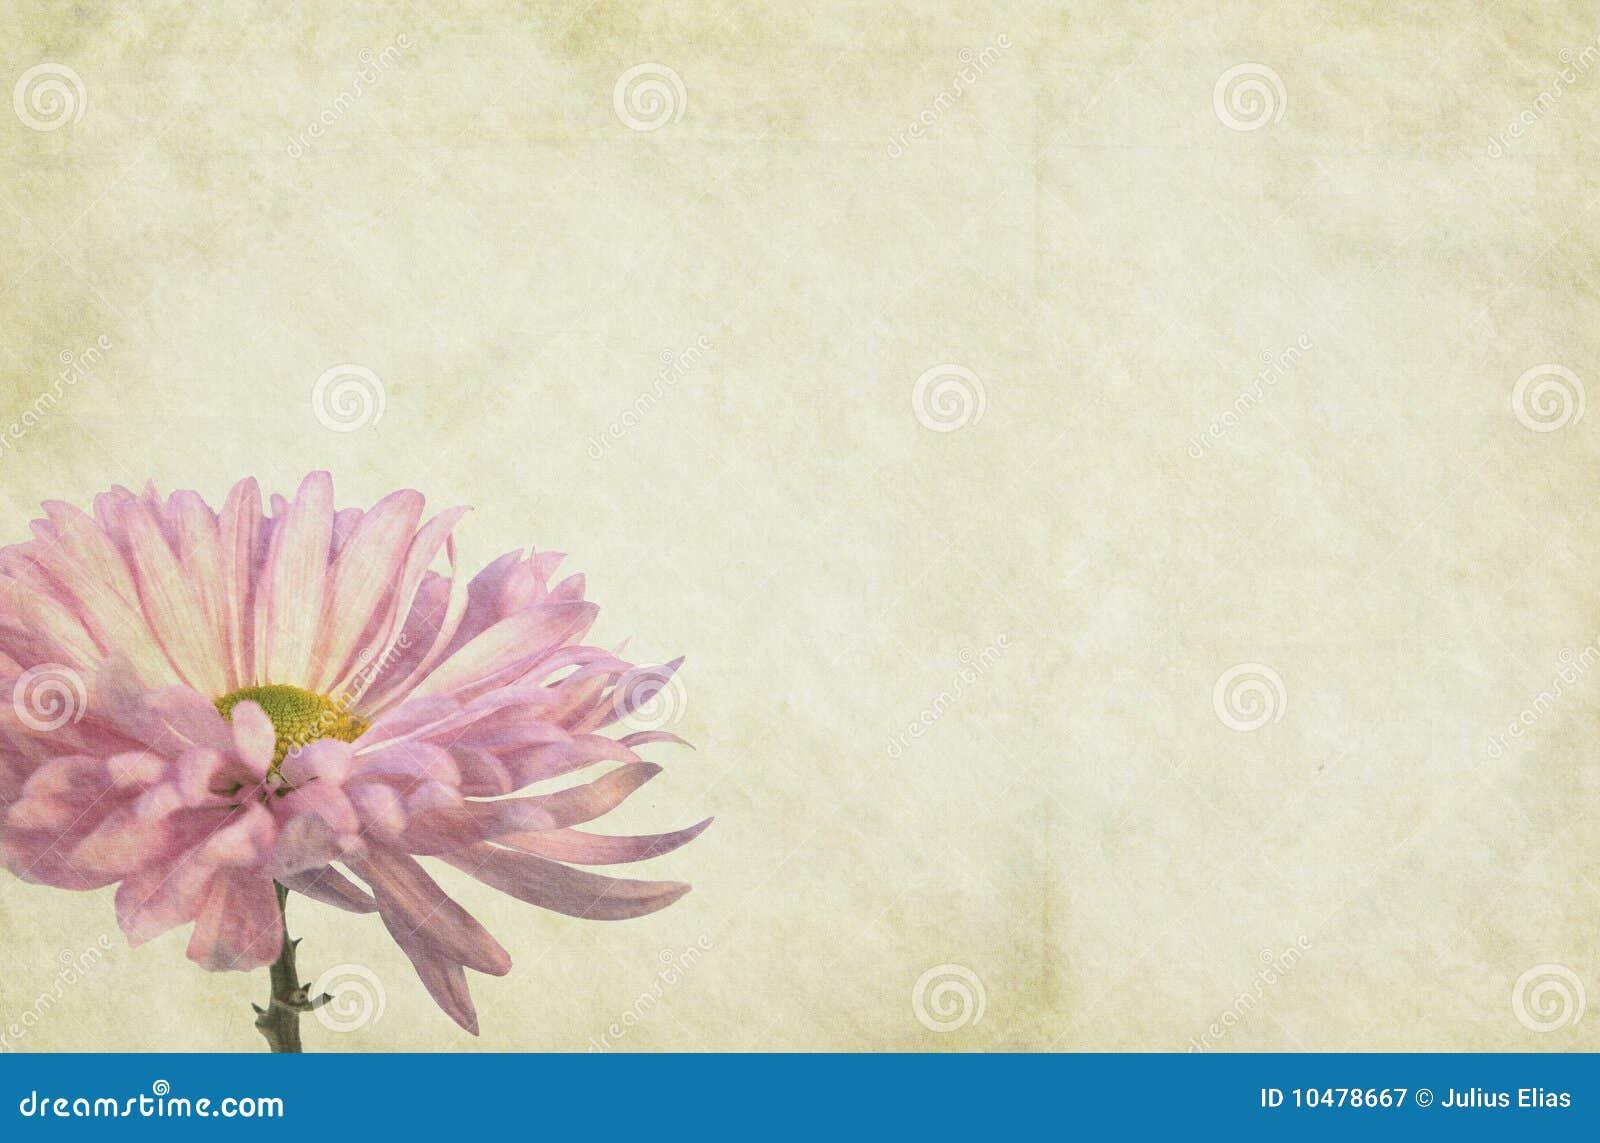 Blumen-themenorientierter Papierhintergrund